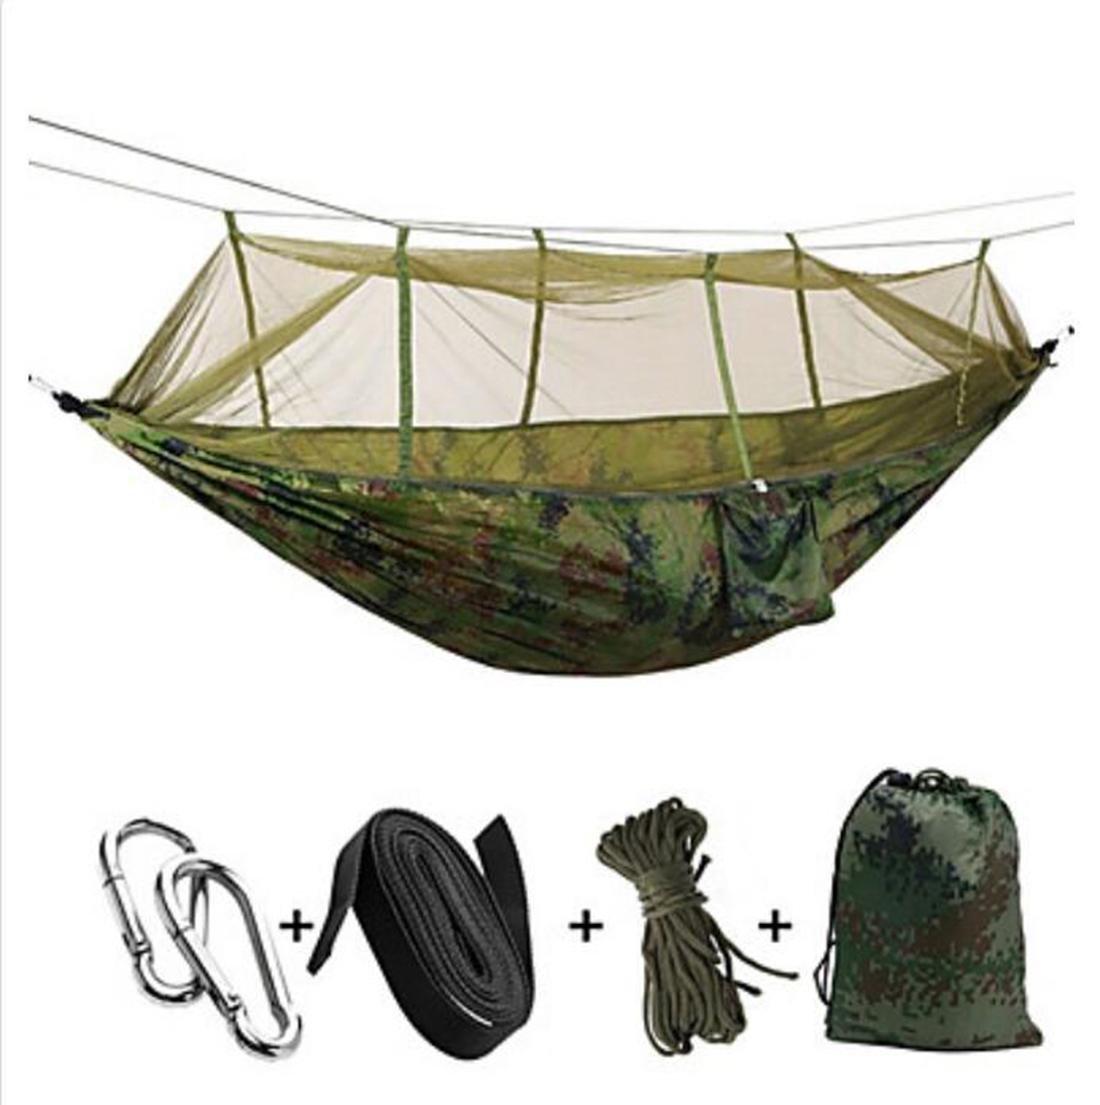 4 x 5 m extra fuerte gris 110 g//m2 lona de tierra con anillas de metal cubiertas Sunshading Hamaca tienda port/átil impermeable cubierta techo de coche ligero para senderismo camping al aire libre